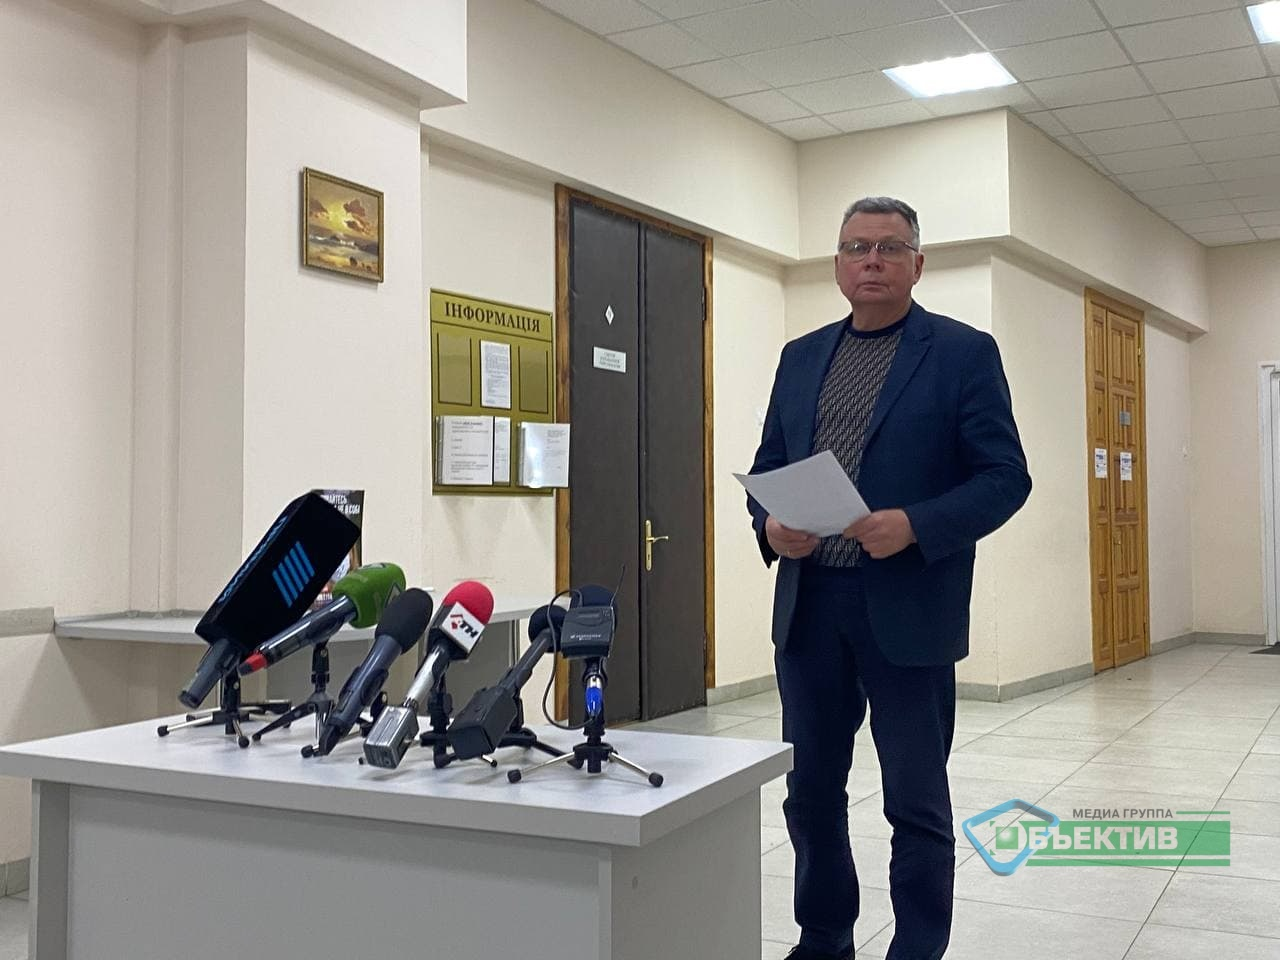 В Харькове ни одна больница на прием пациентов с COVID-19 не закрылась – ХОГА